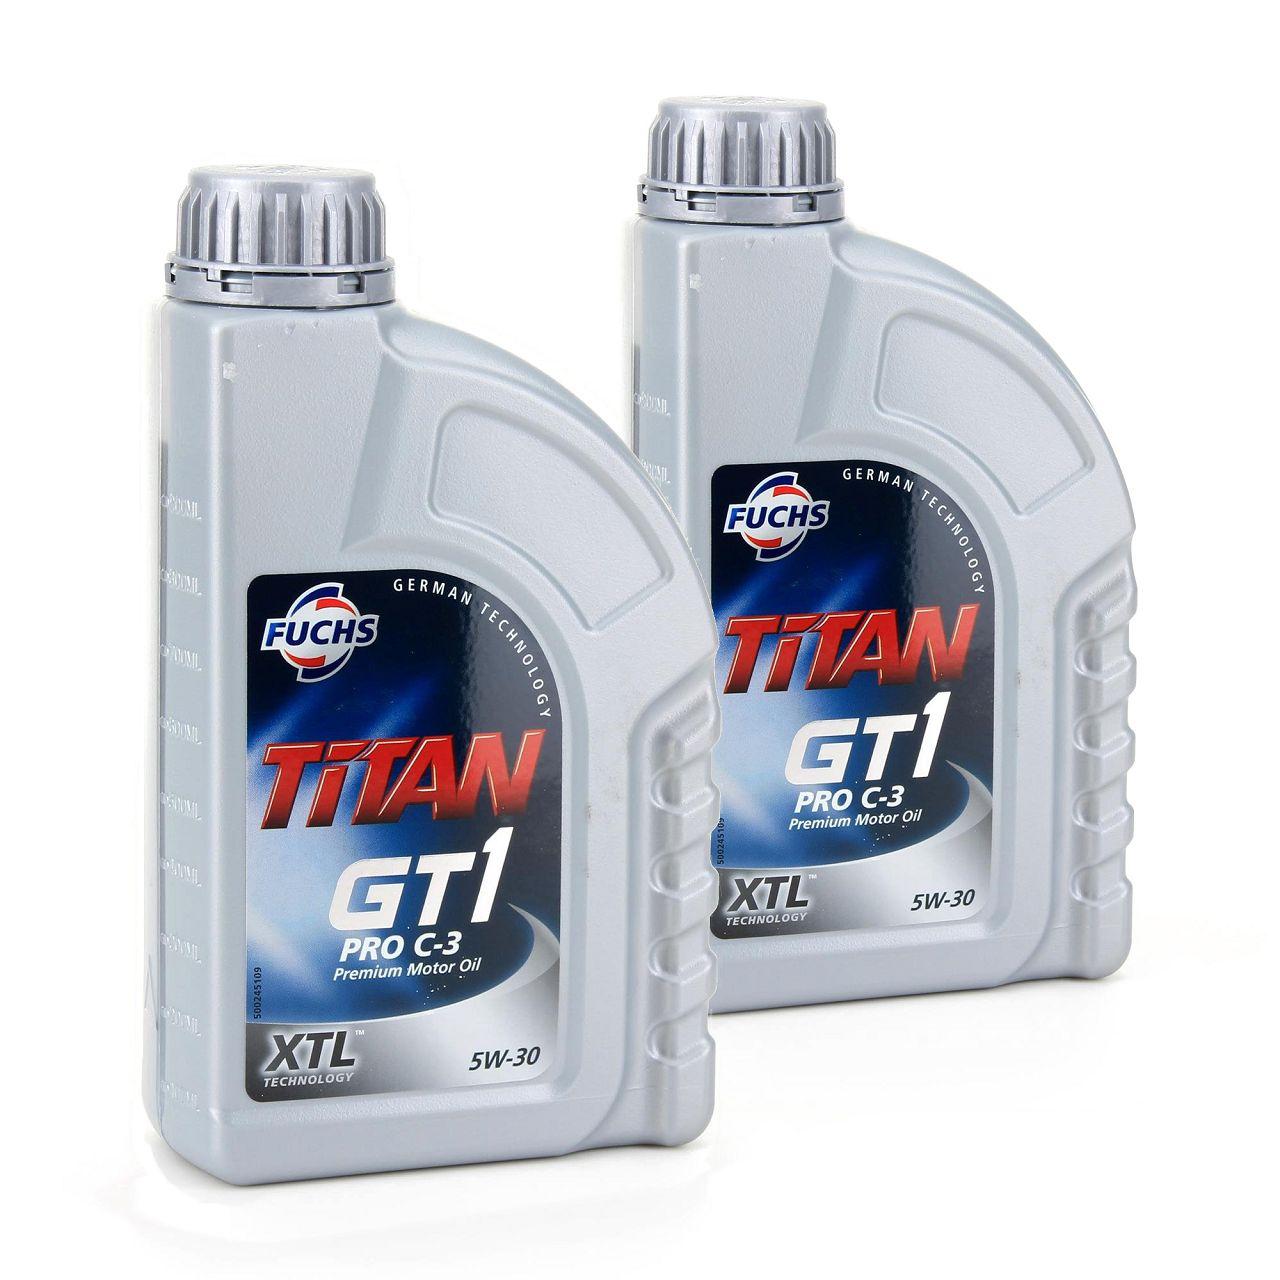 FUCHS MOTORÖL TITAN GT1 Pro C-3 5W30 5W-30 VW 504.00 507.00 MB 229.51 2L 2 Liter